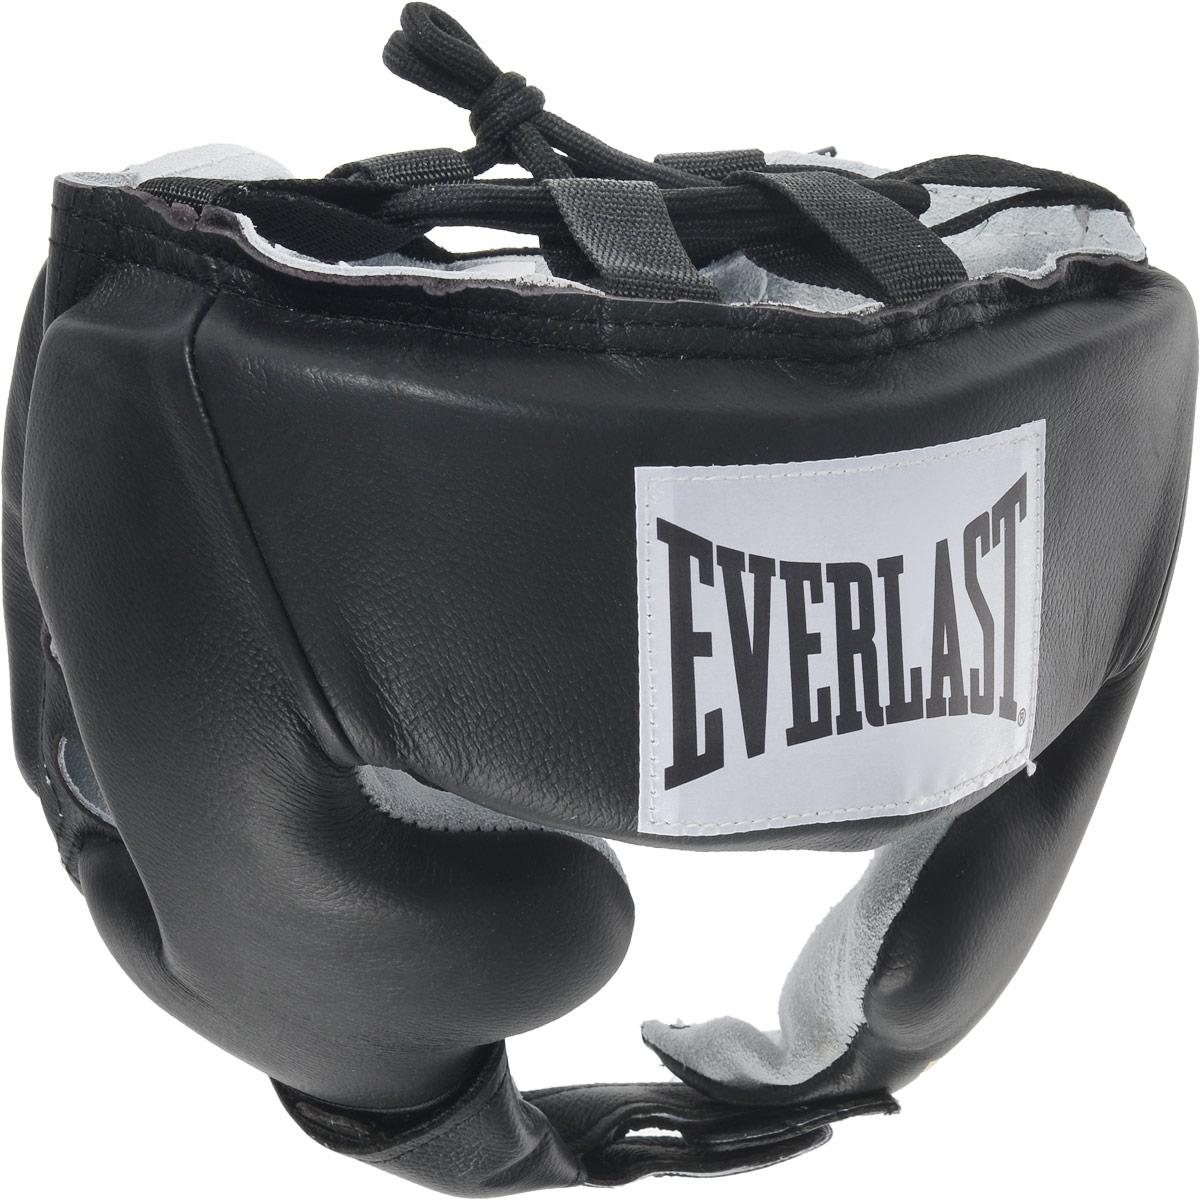 Шлем боксерский Everlast USA Boxing Cheek, с защитой щек, цвет: черный, белый. Размер XL боксерский шлем